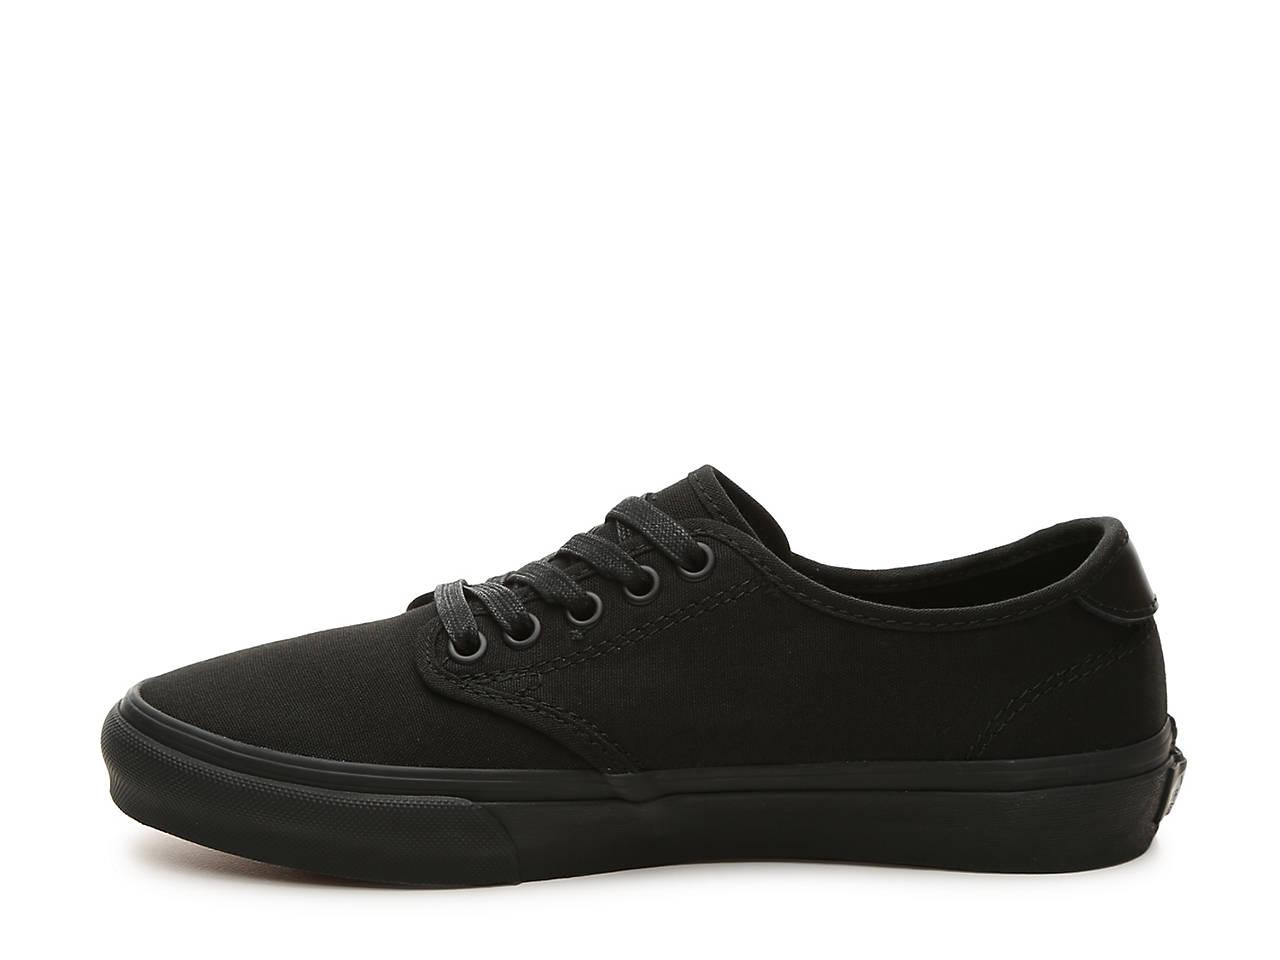 Vans Camden Deluxe Sneaker Women's Women's Shoes | DSW